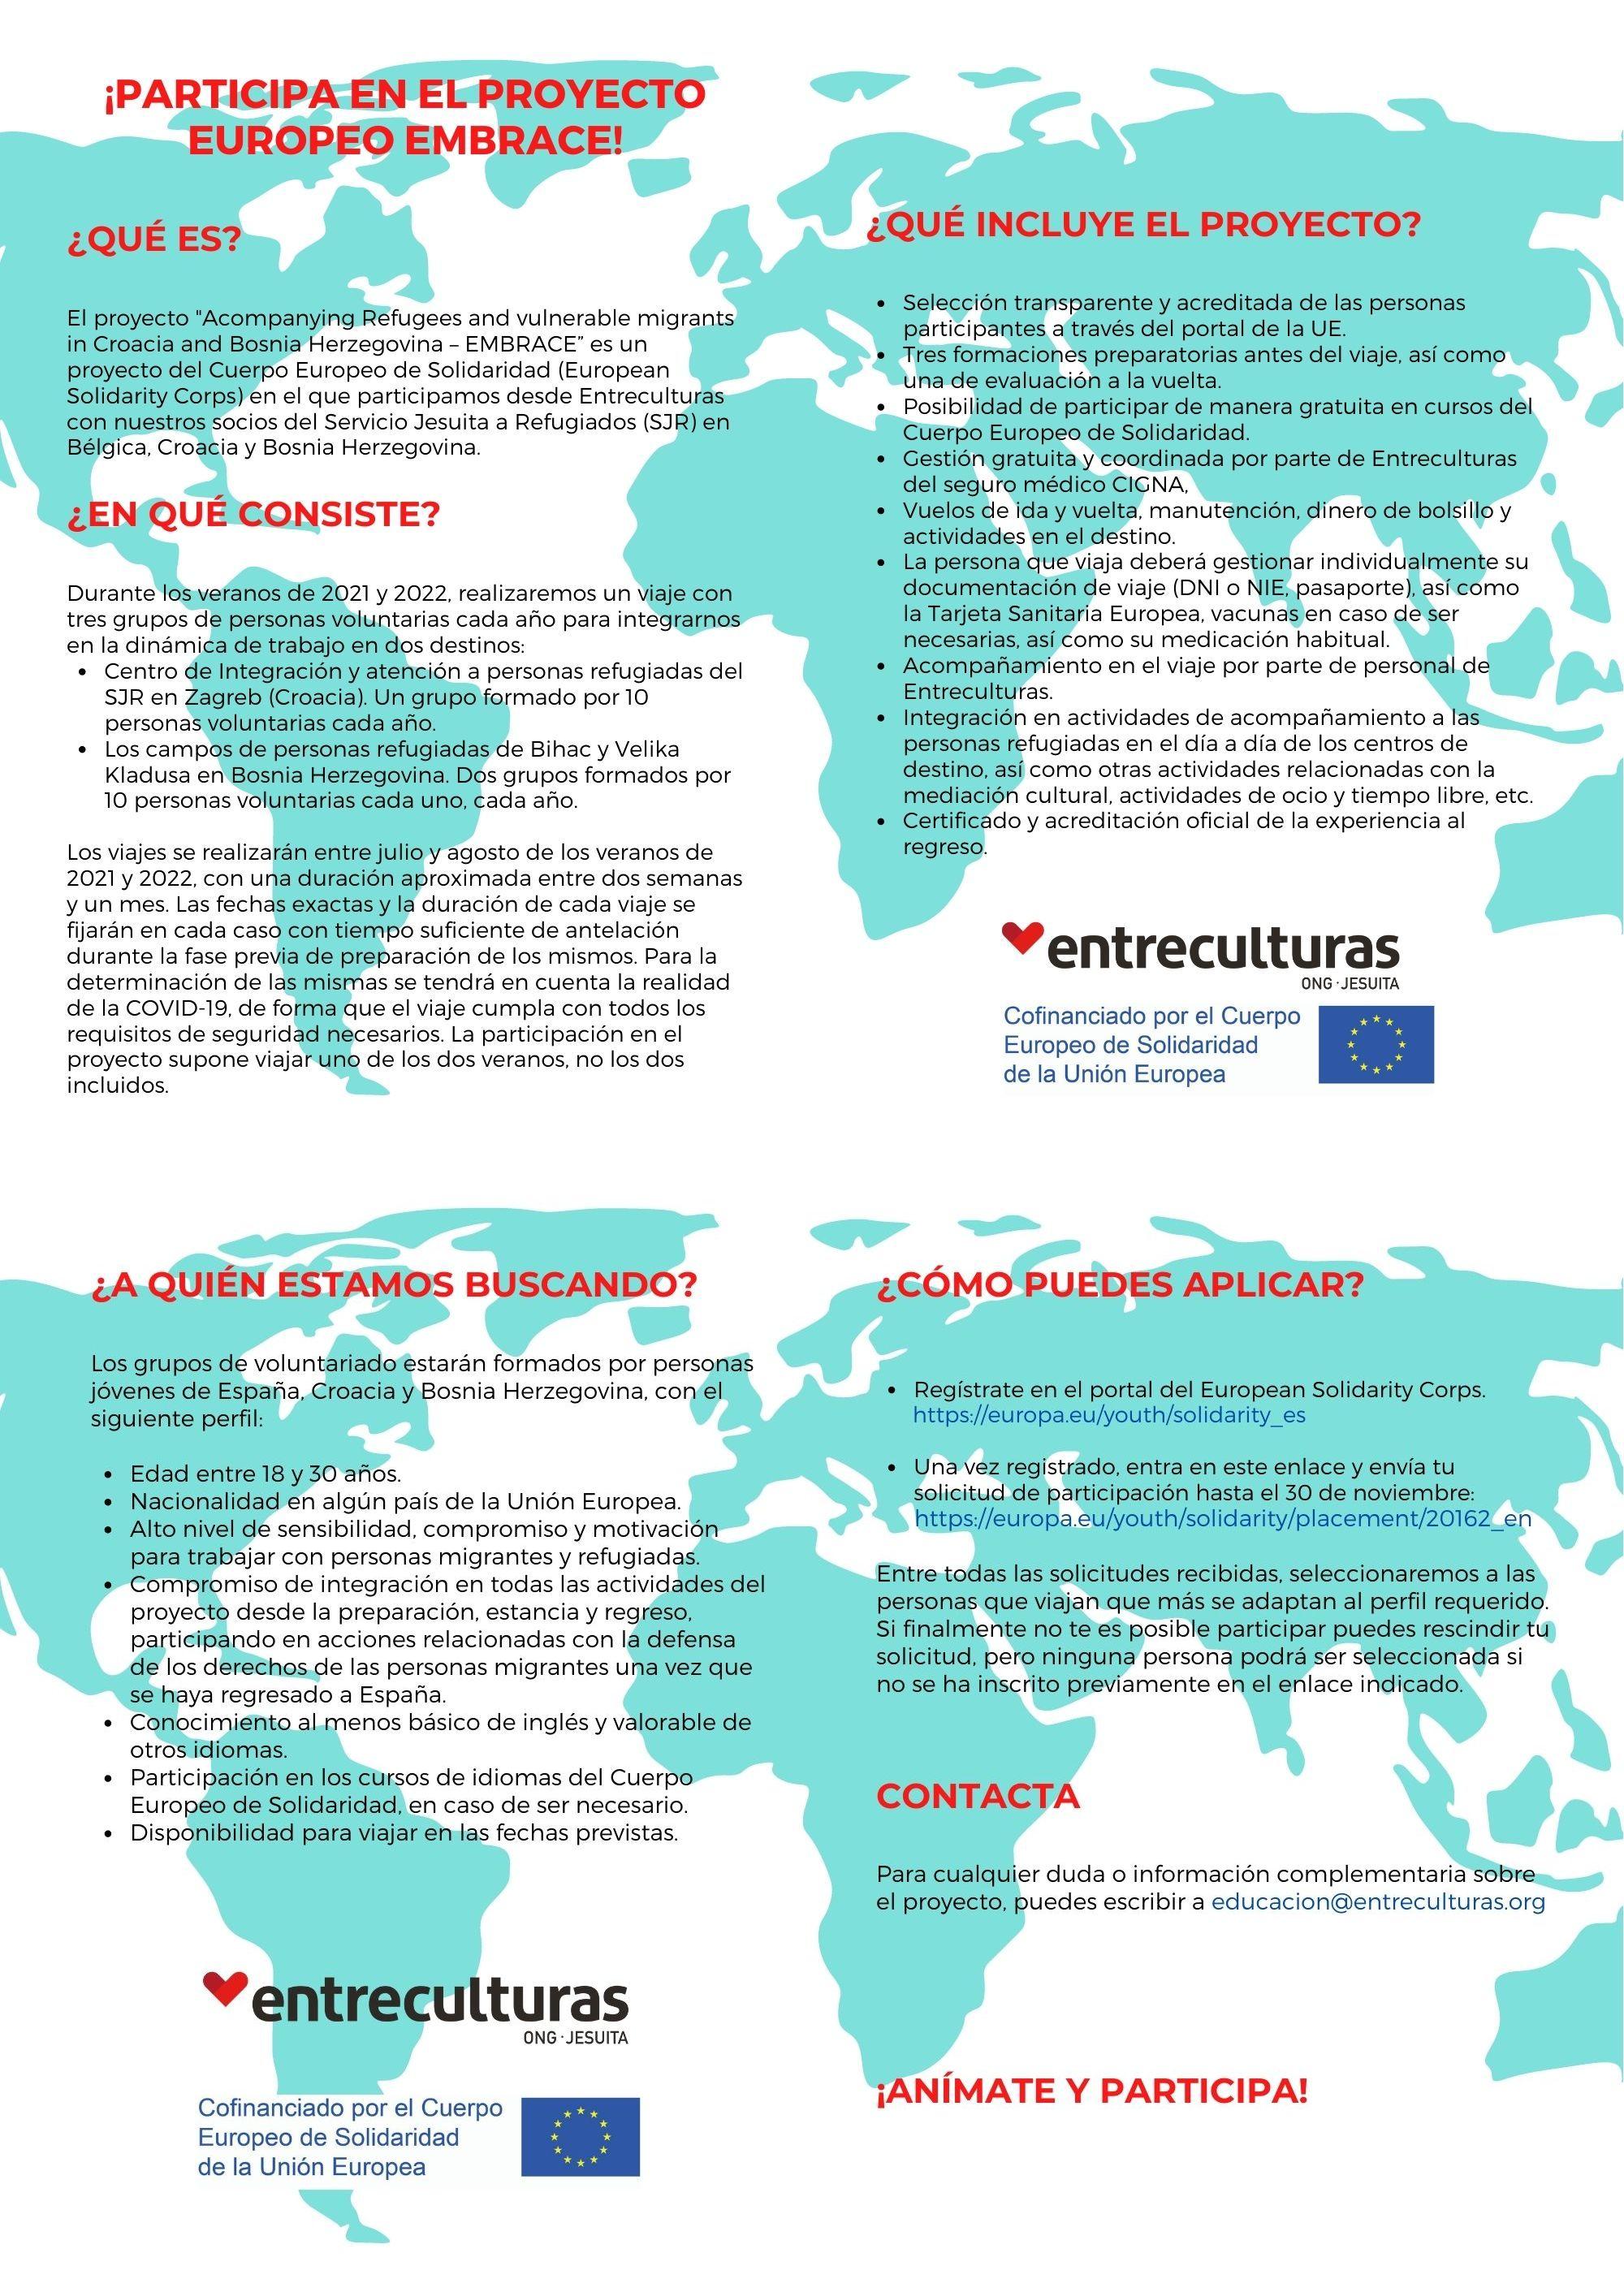 Participa en el proyecto europeo Embrace!